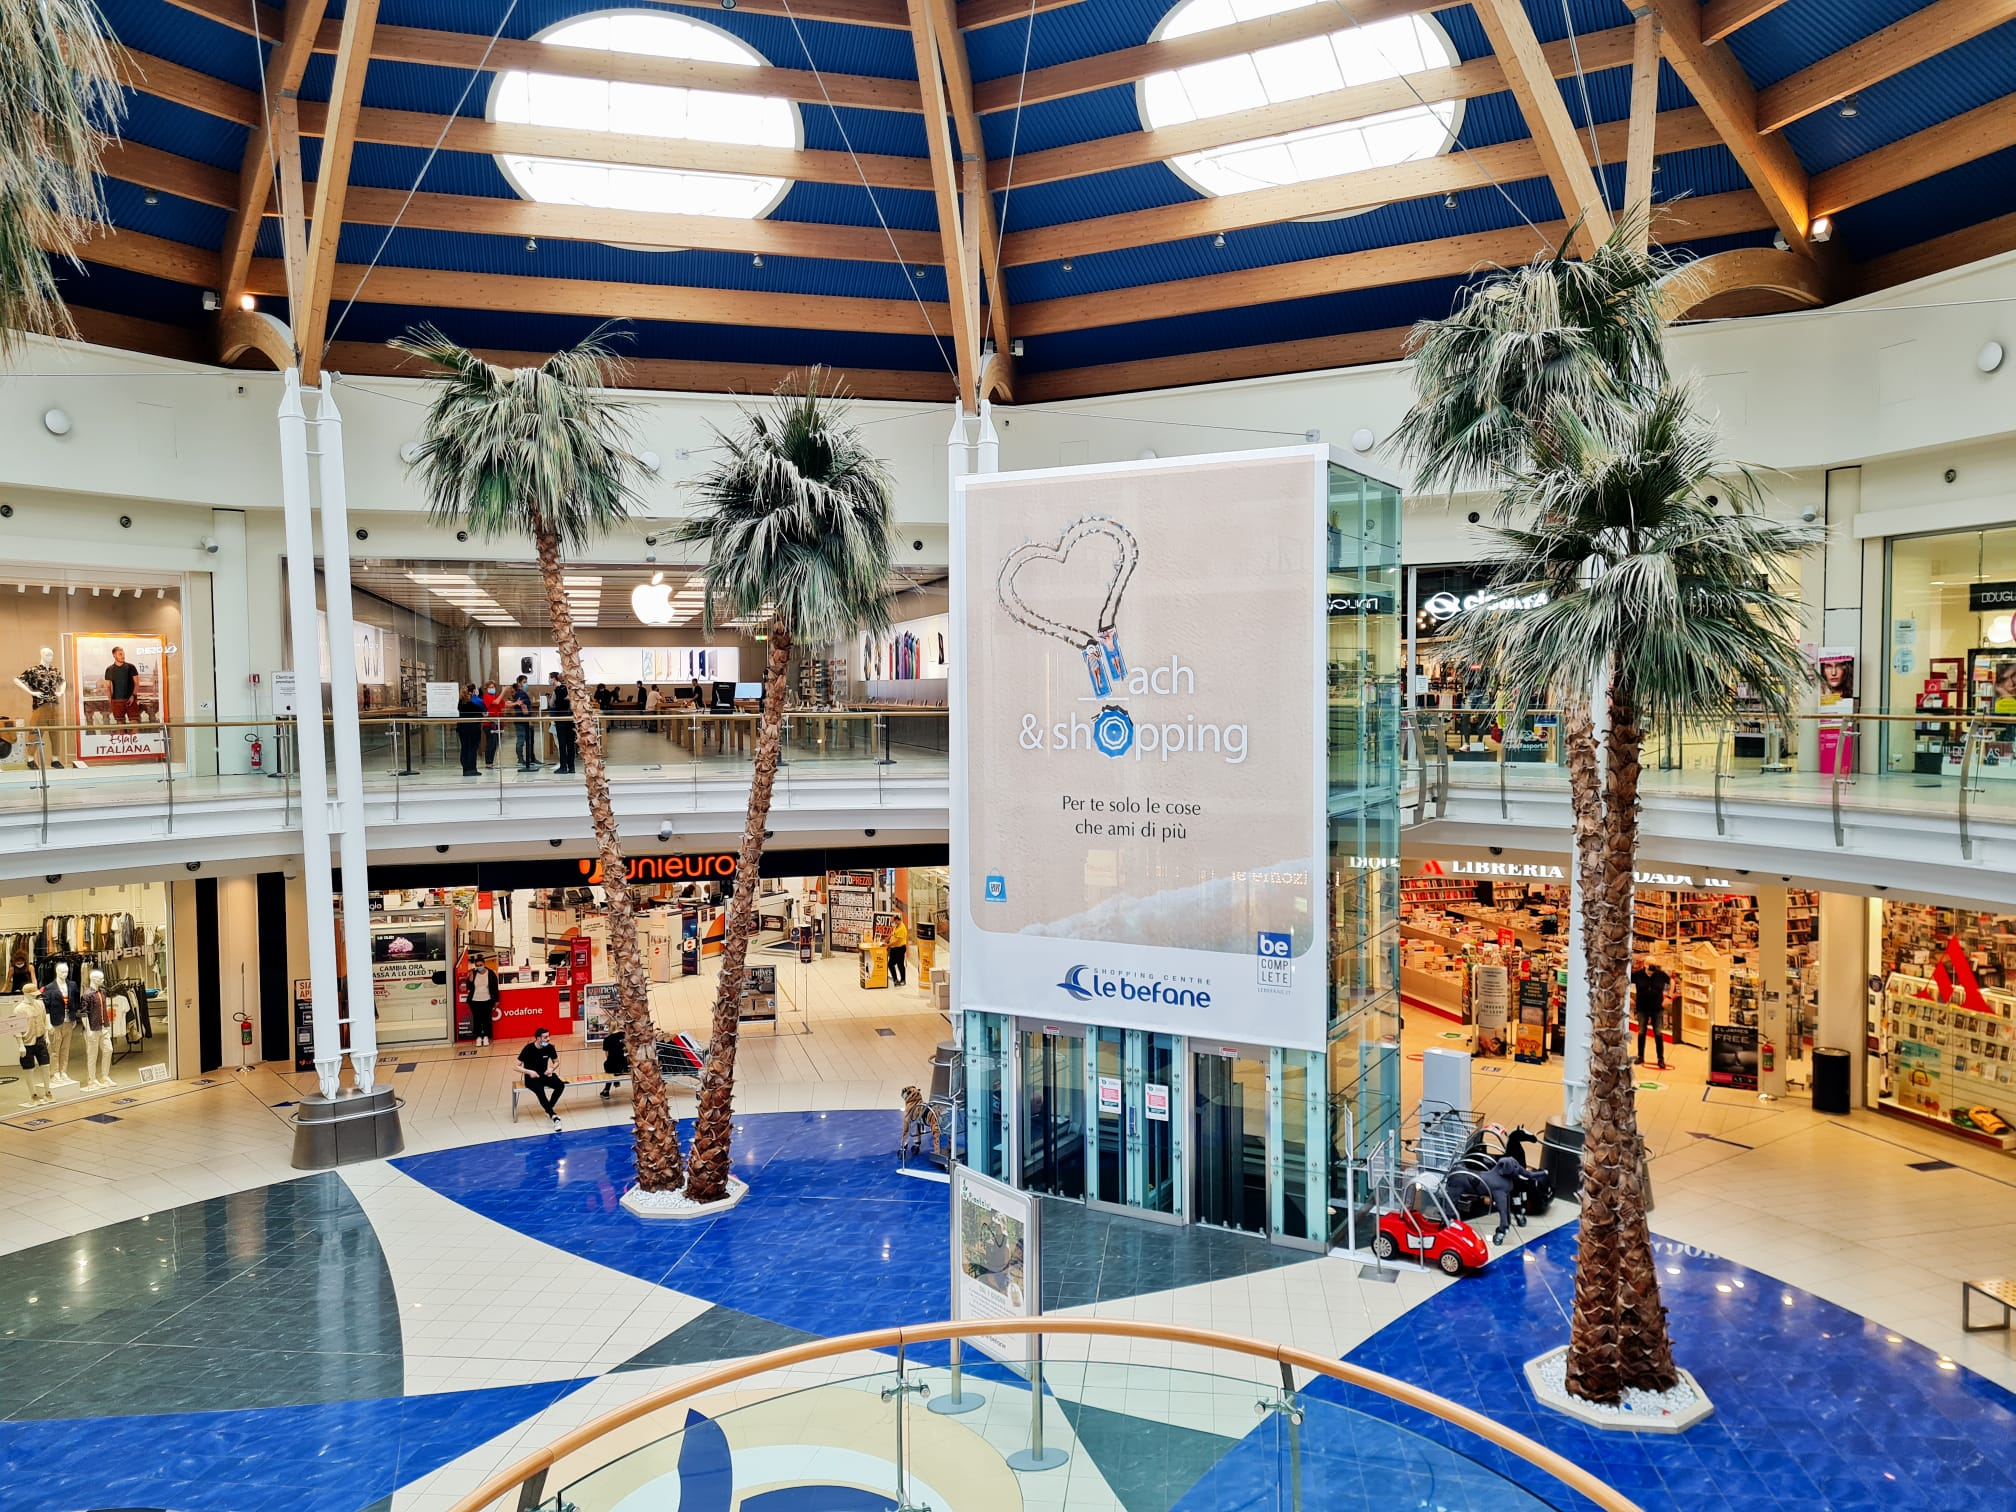 Centro commerciale Le Befane